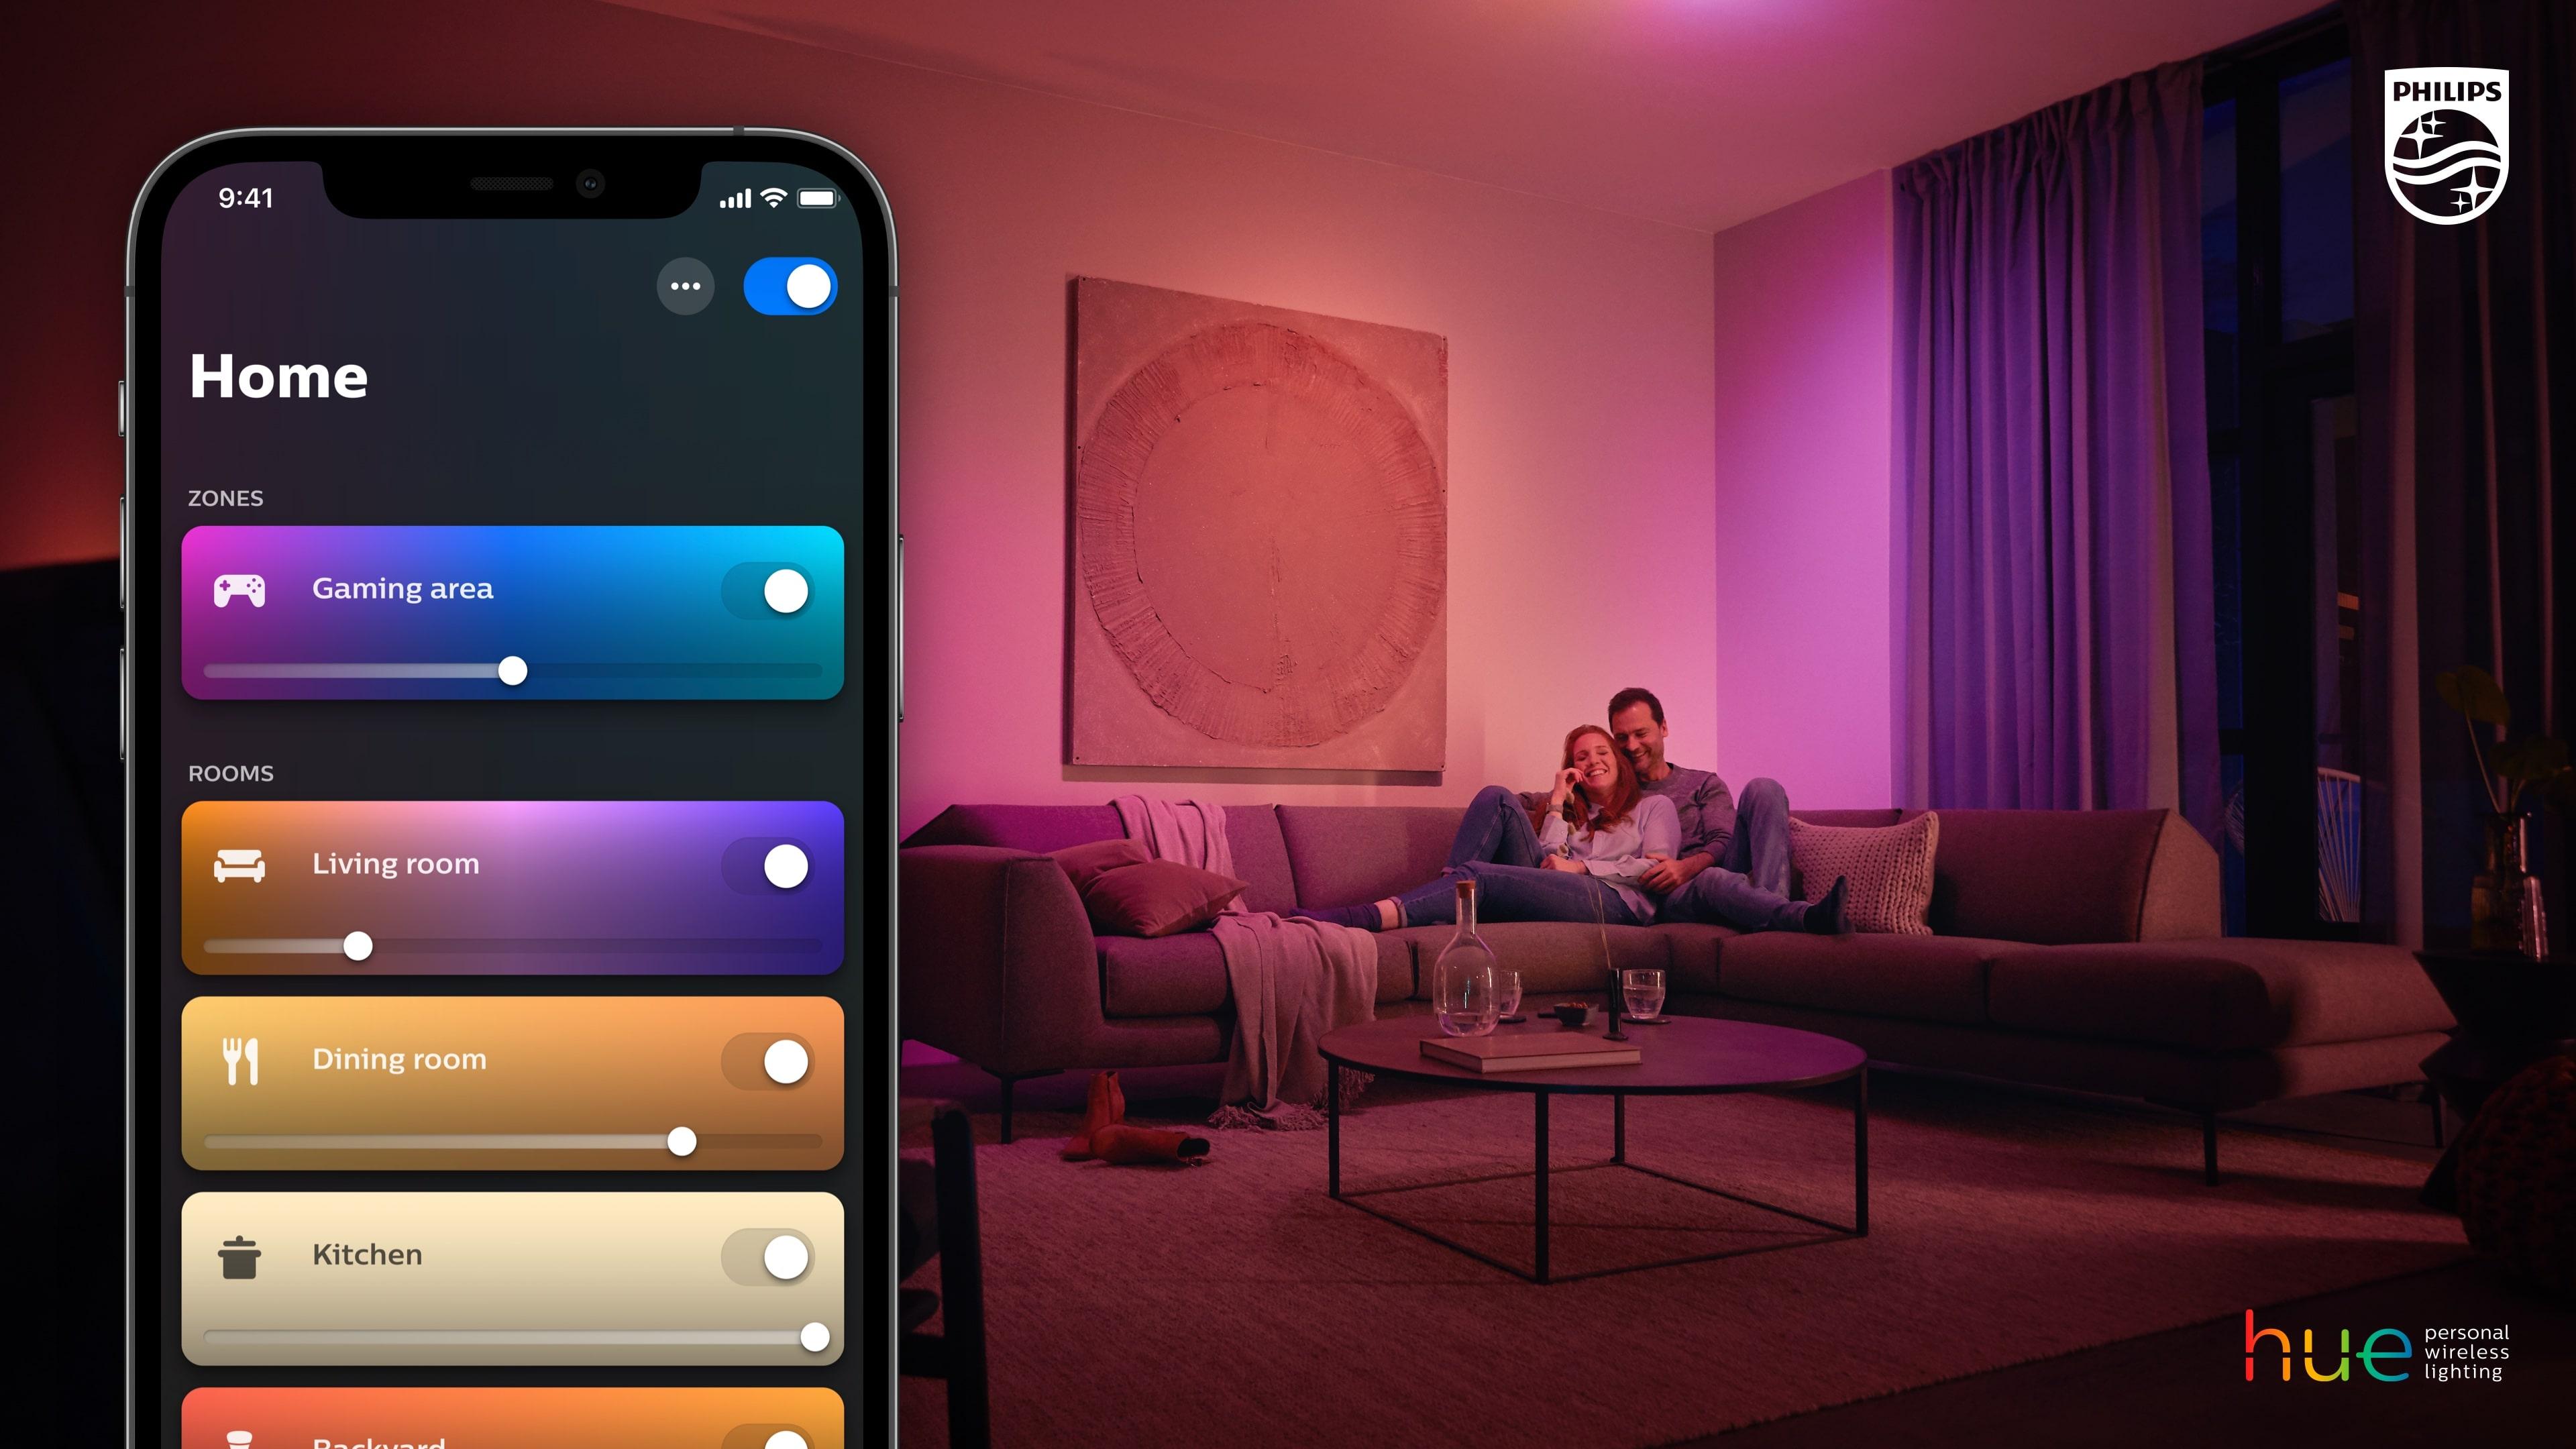 Noua aplicație Philips Hue pregătită pentru viitor